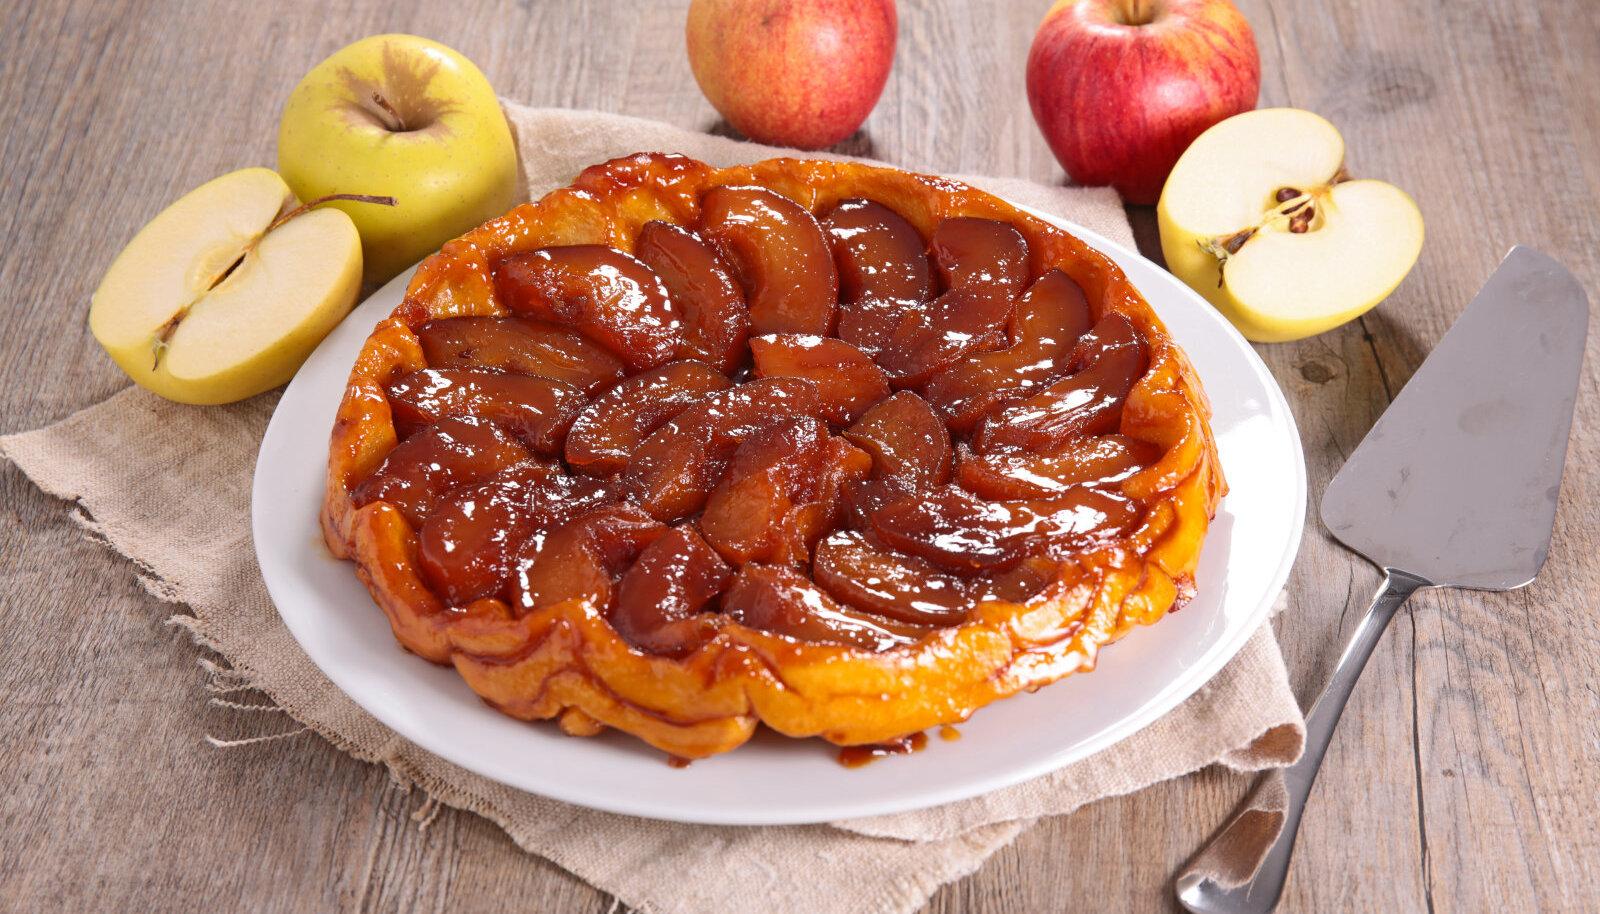 Tarte Tatin ehk tagurpidi õunakook on klassikaline näide sellest, kuidas ühest köögiapsust sünnib legendaarne uudisroog